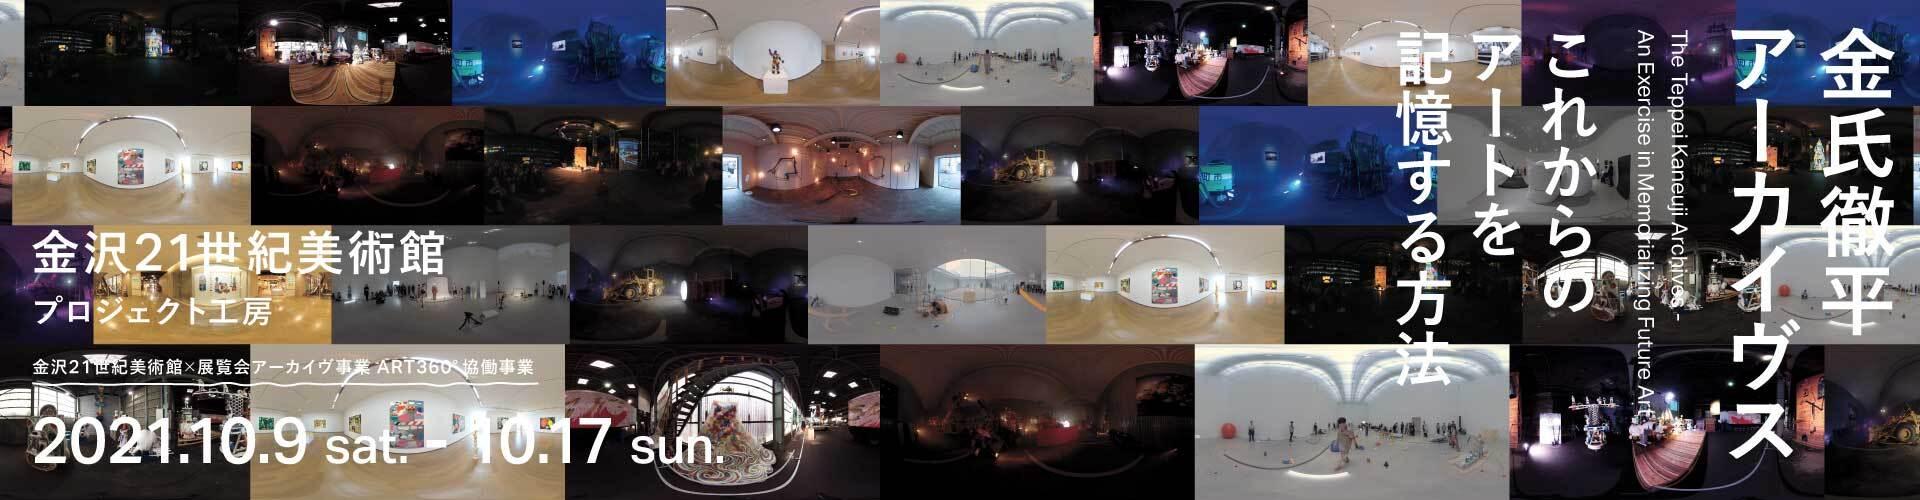 金氏徹平アーカイヴス これからのアートを記憶する方法 金沢21世紀美術館プロジェクト工房 2021.10.9sat-10.17sun